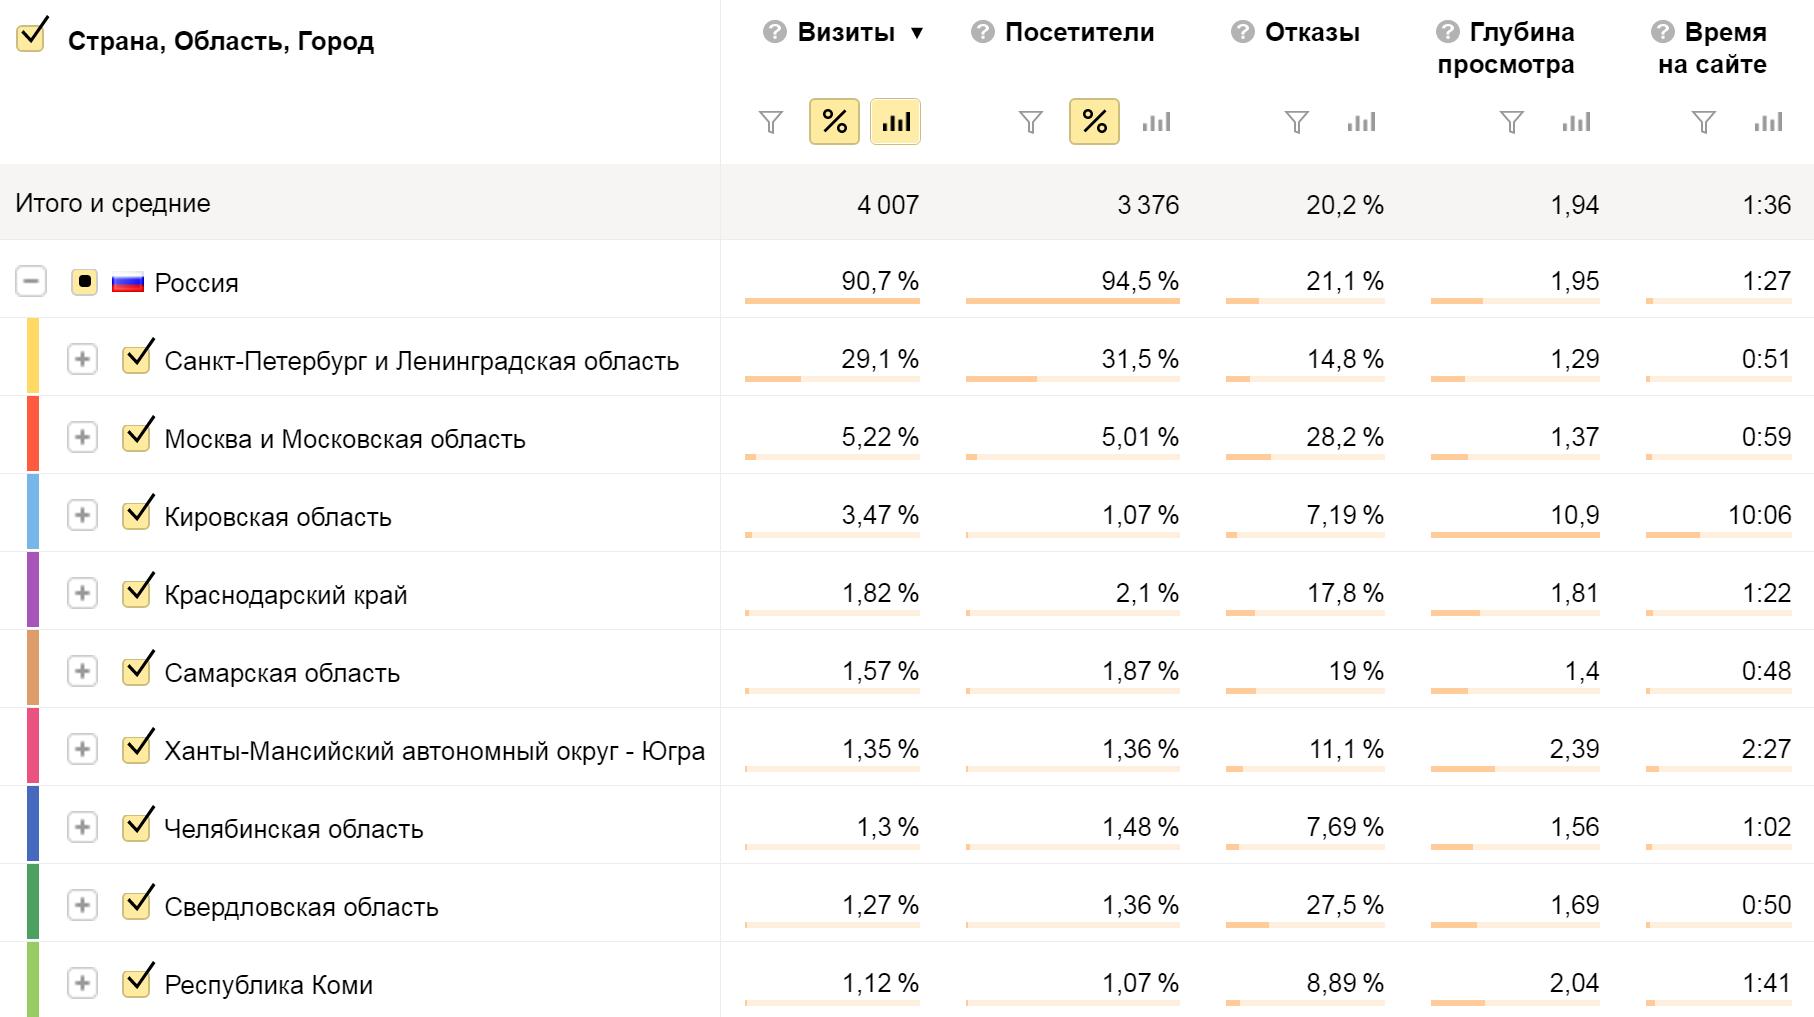 Распределение пользователей по регионам